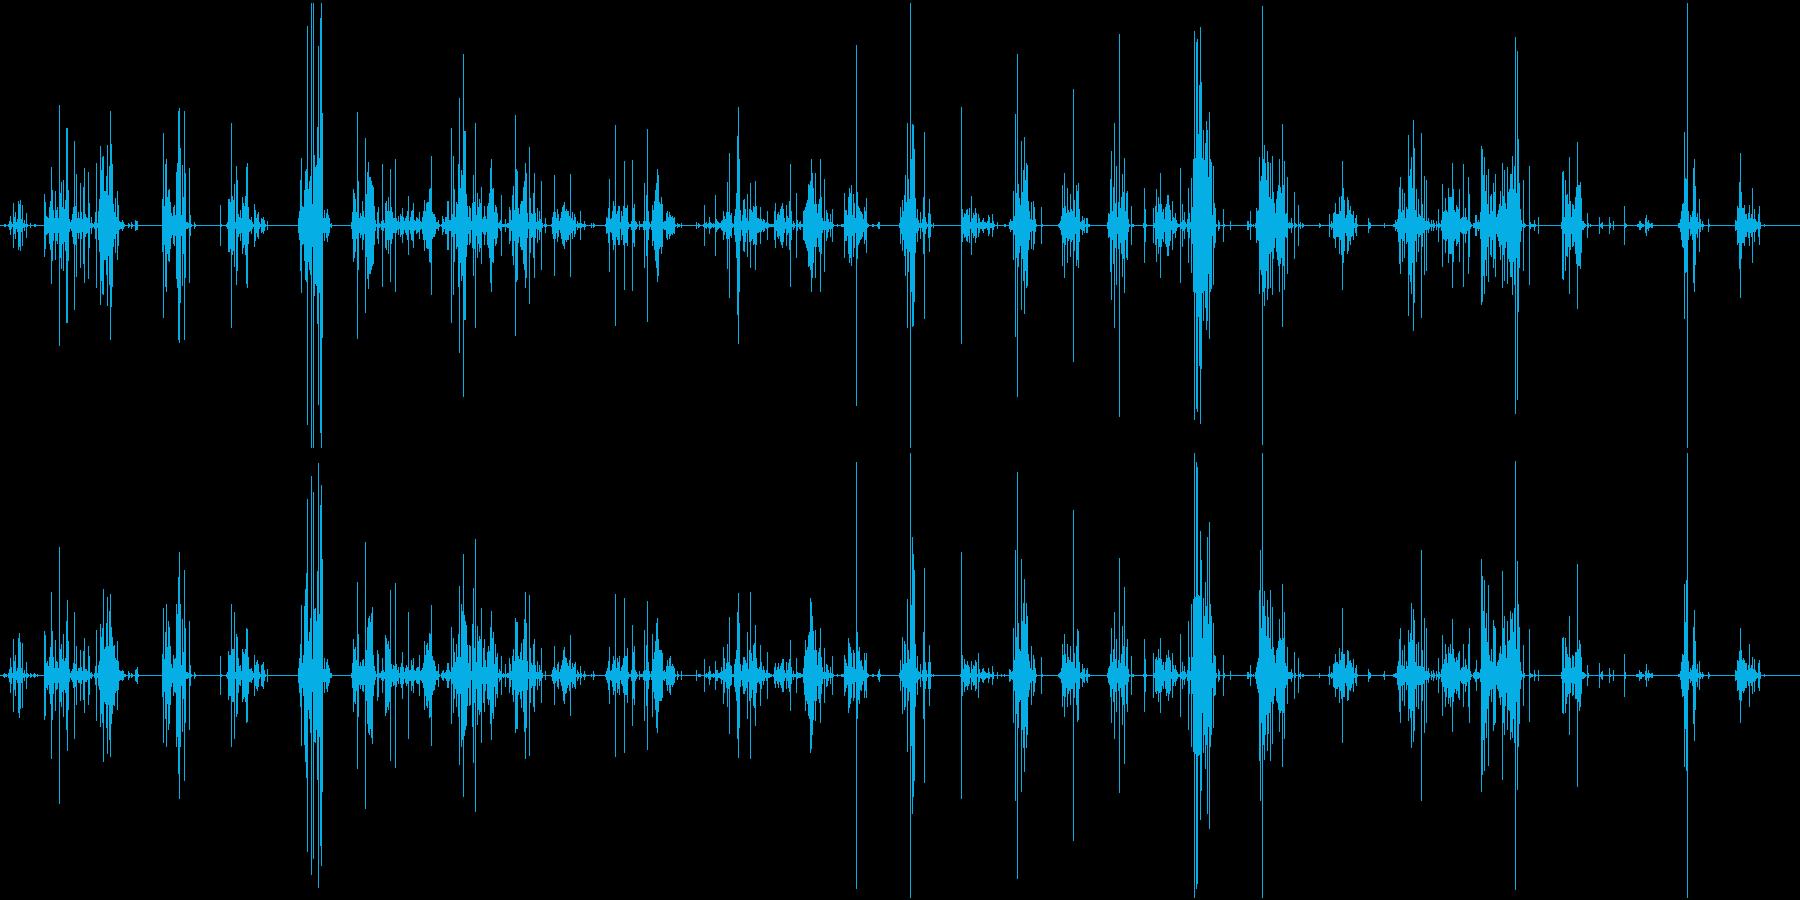 【生録音】ASMR 新聞紙の音 ノイズの再生済みの波形